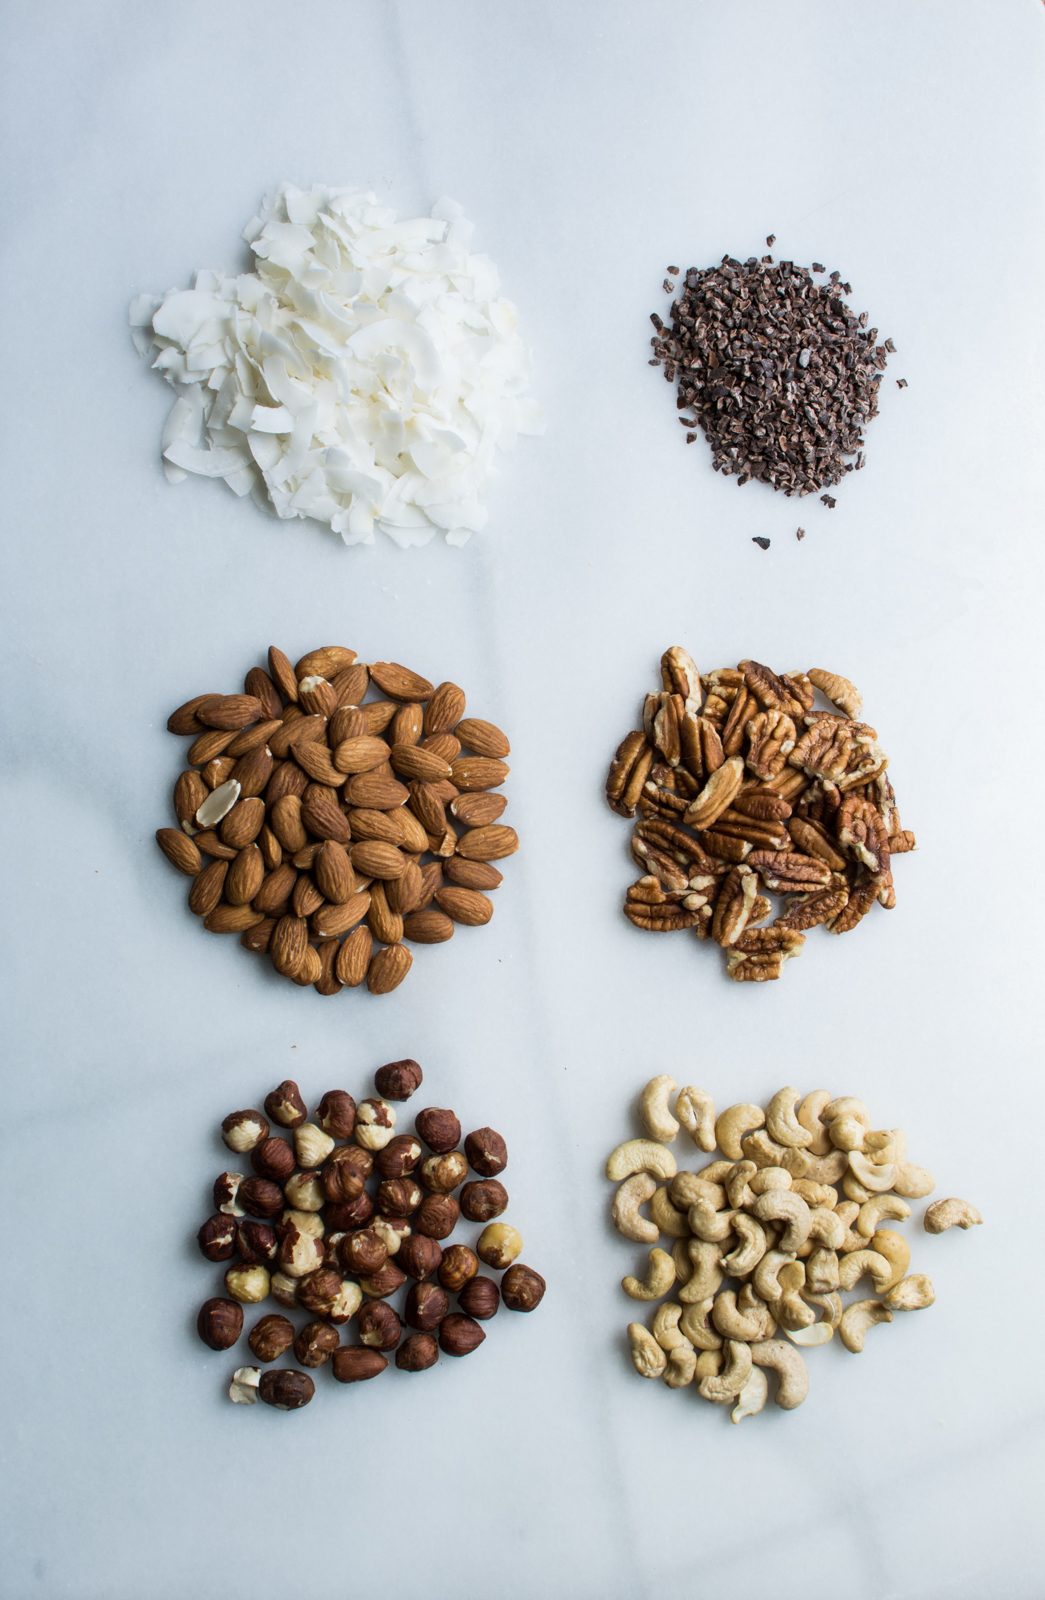 Nuts, coconut, cocoa nibs